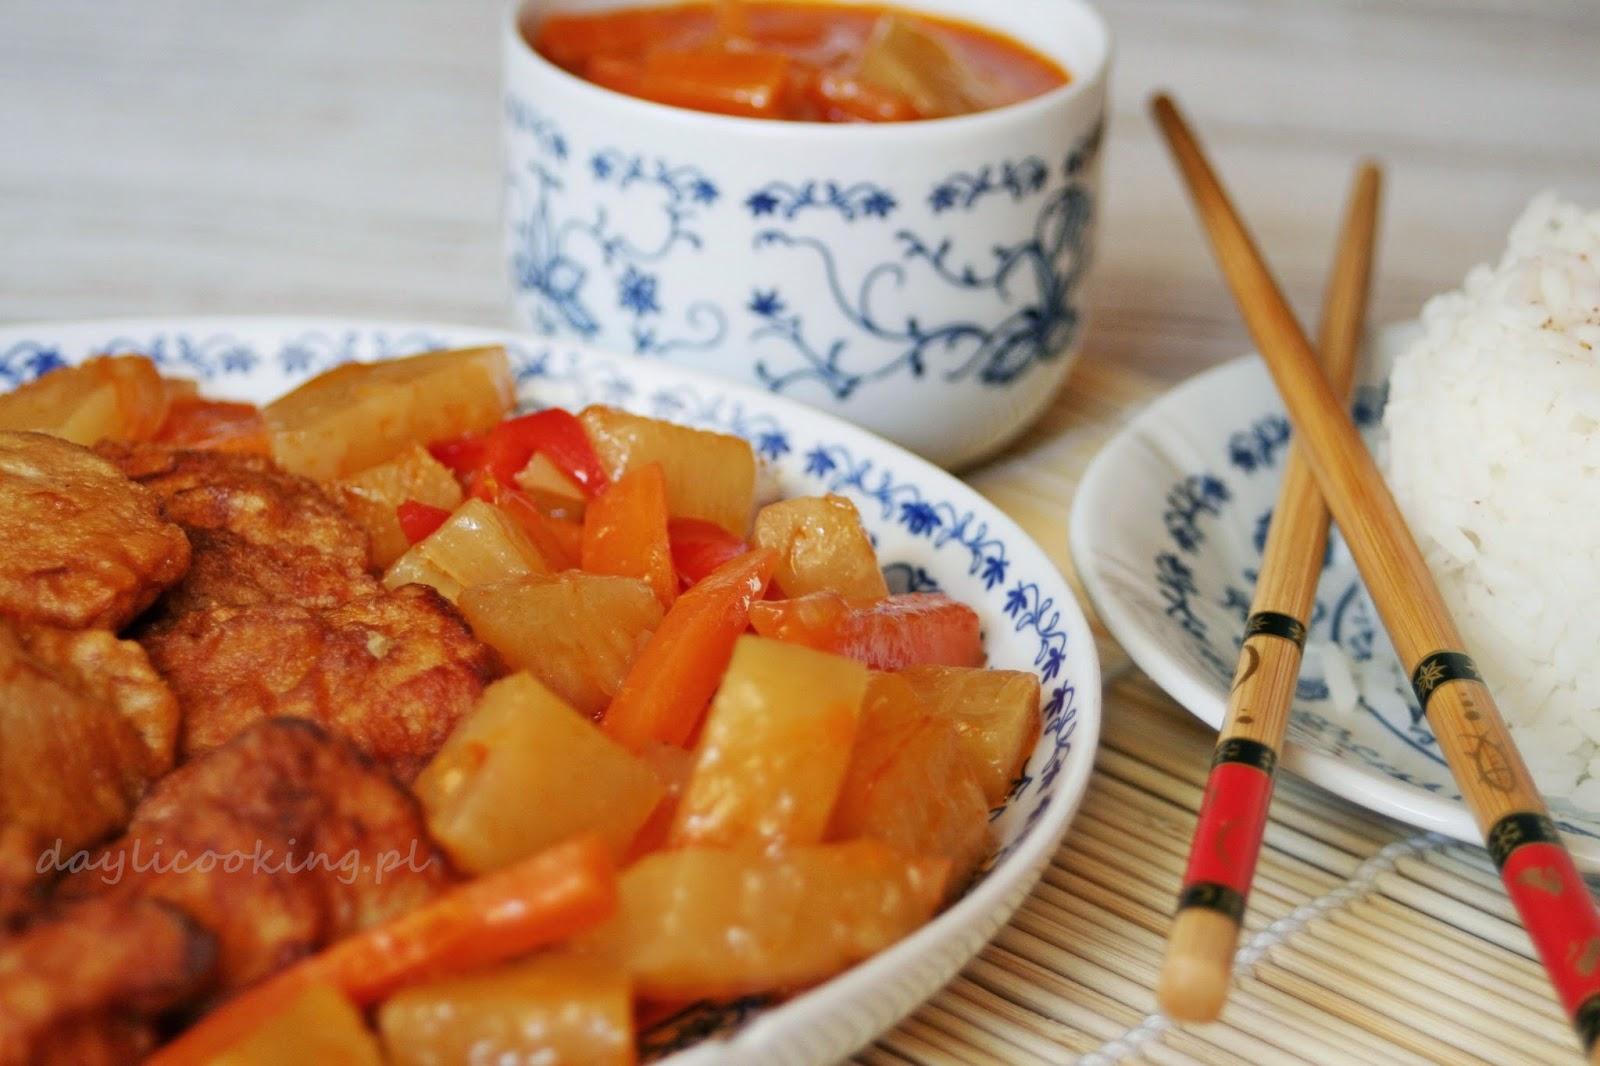 Kurczak w cieście naleśnikowym z sosem słodko-kwaśnym